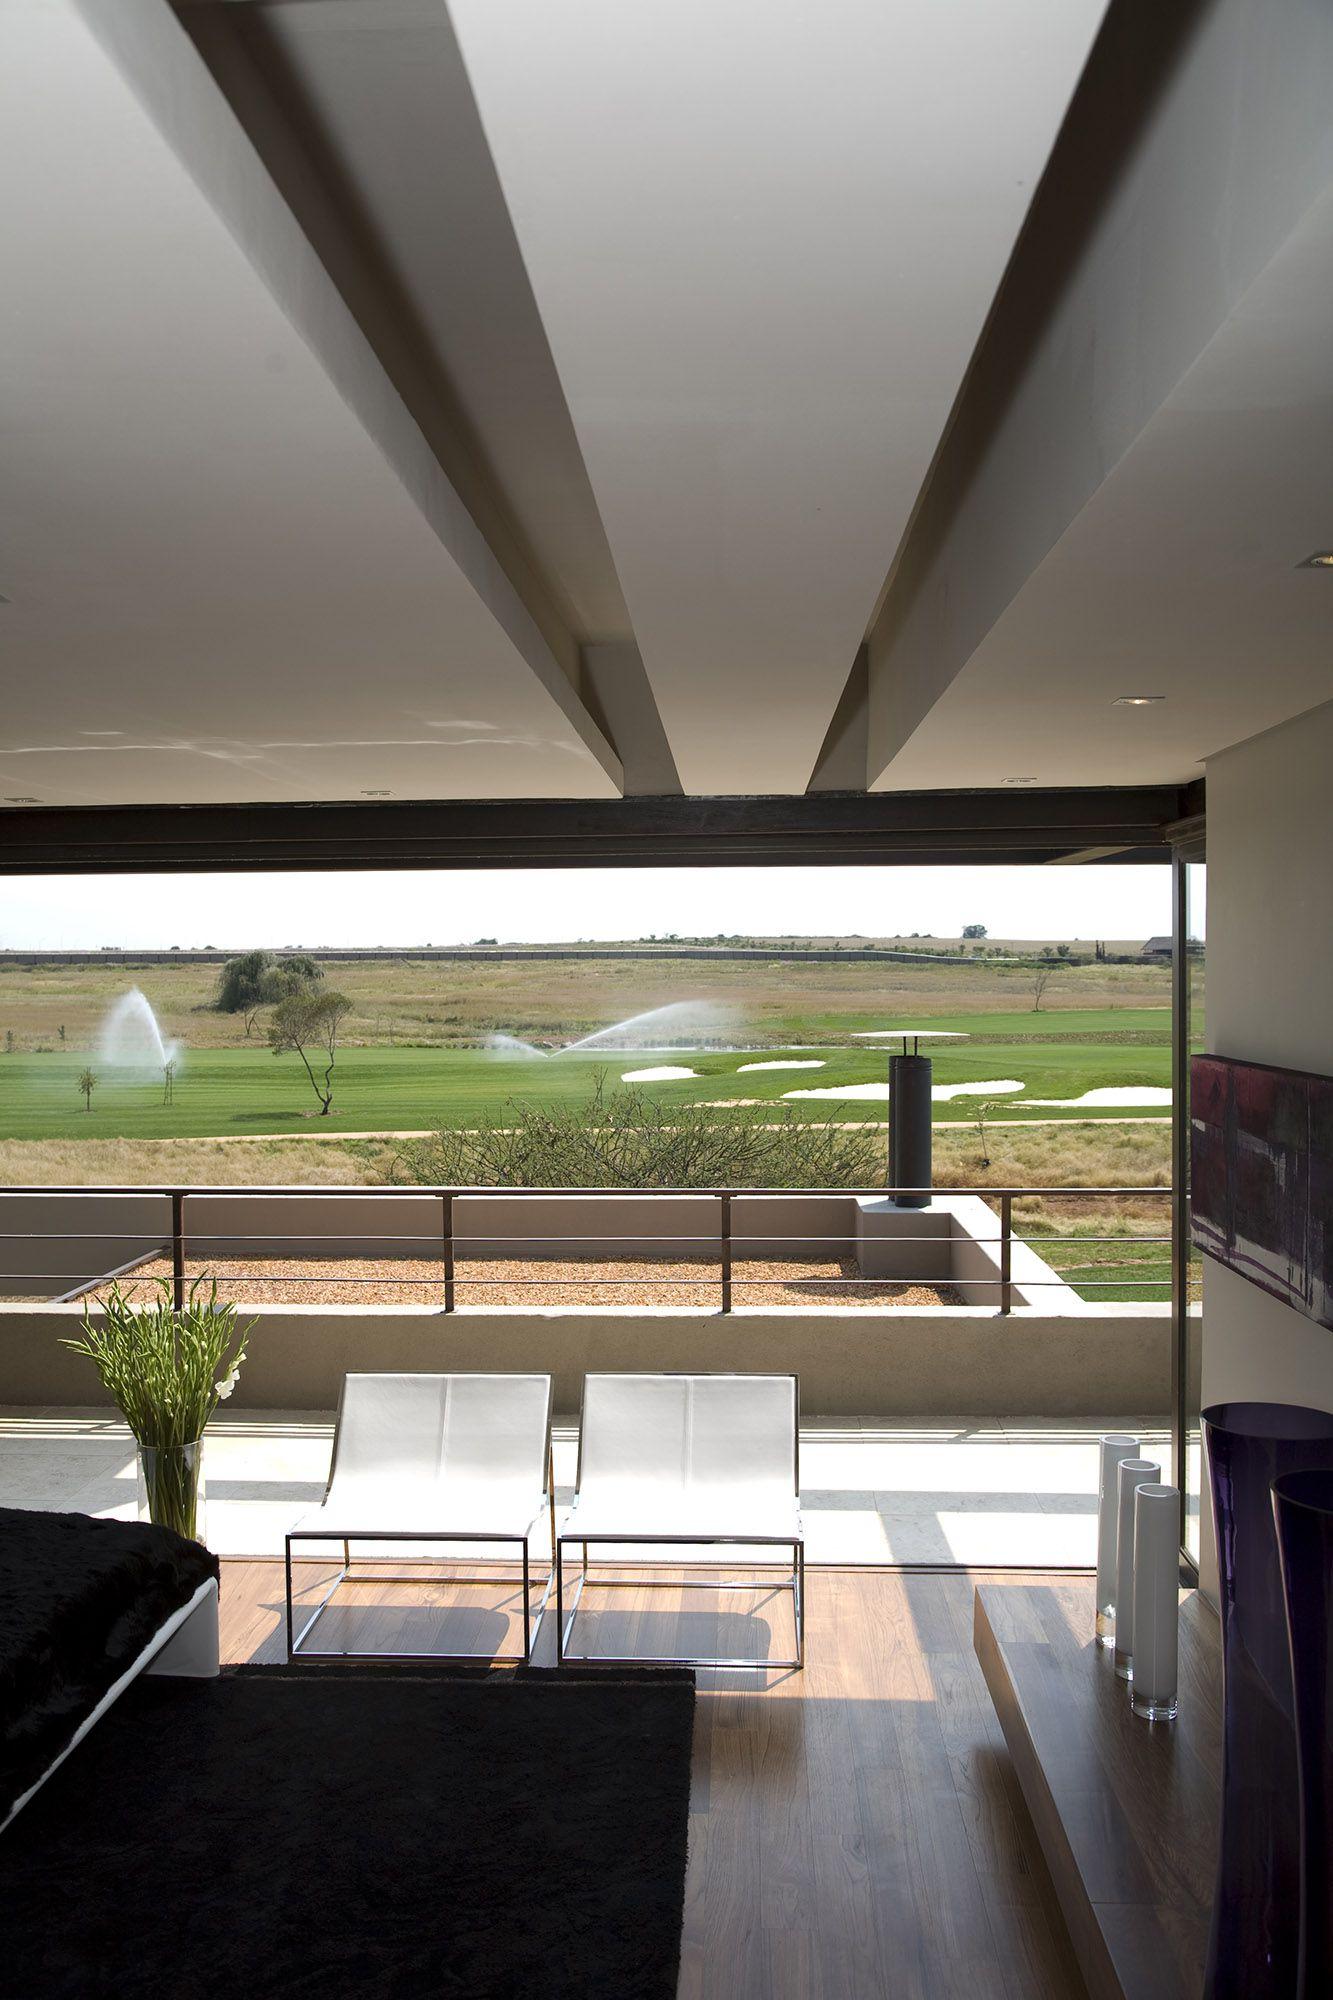 Serengeti Designed by Rudolph van der Meulen 320